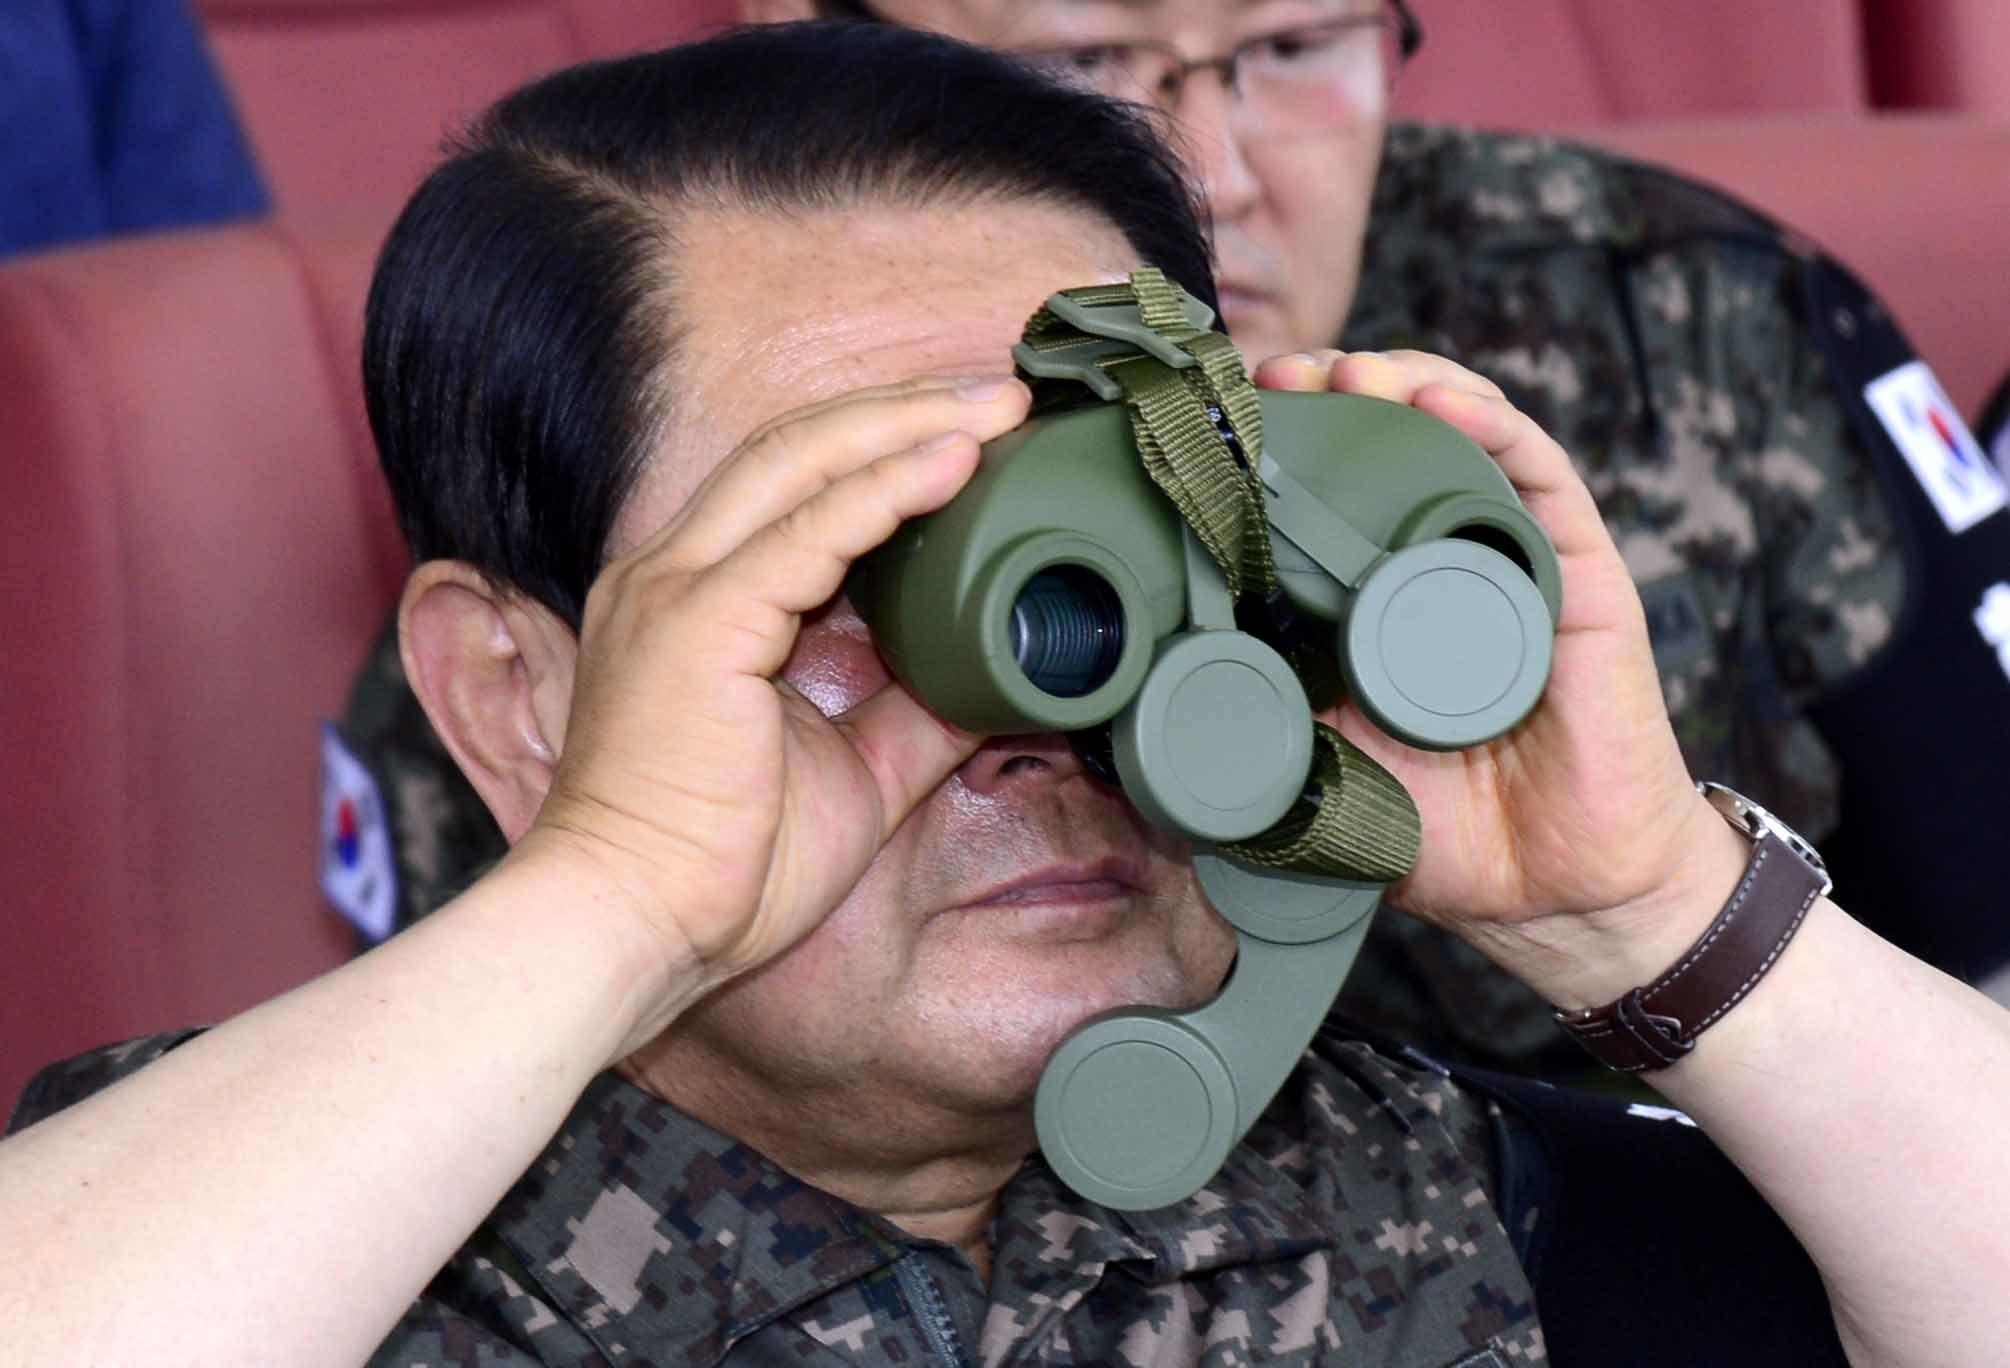 박주선 국민의당 비상대책위원장이 20일 오전 강원도 철원 평화전망대를 방문한 가운데 쌍안경으로 전방을 살피고 있다. 쌍안경 한쪽 마개가 막혀있다. [국회사진기자단]